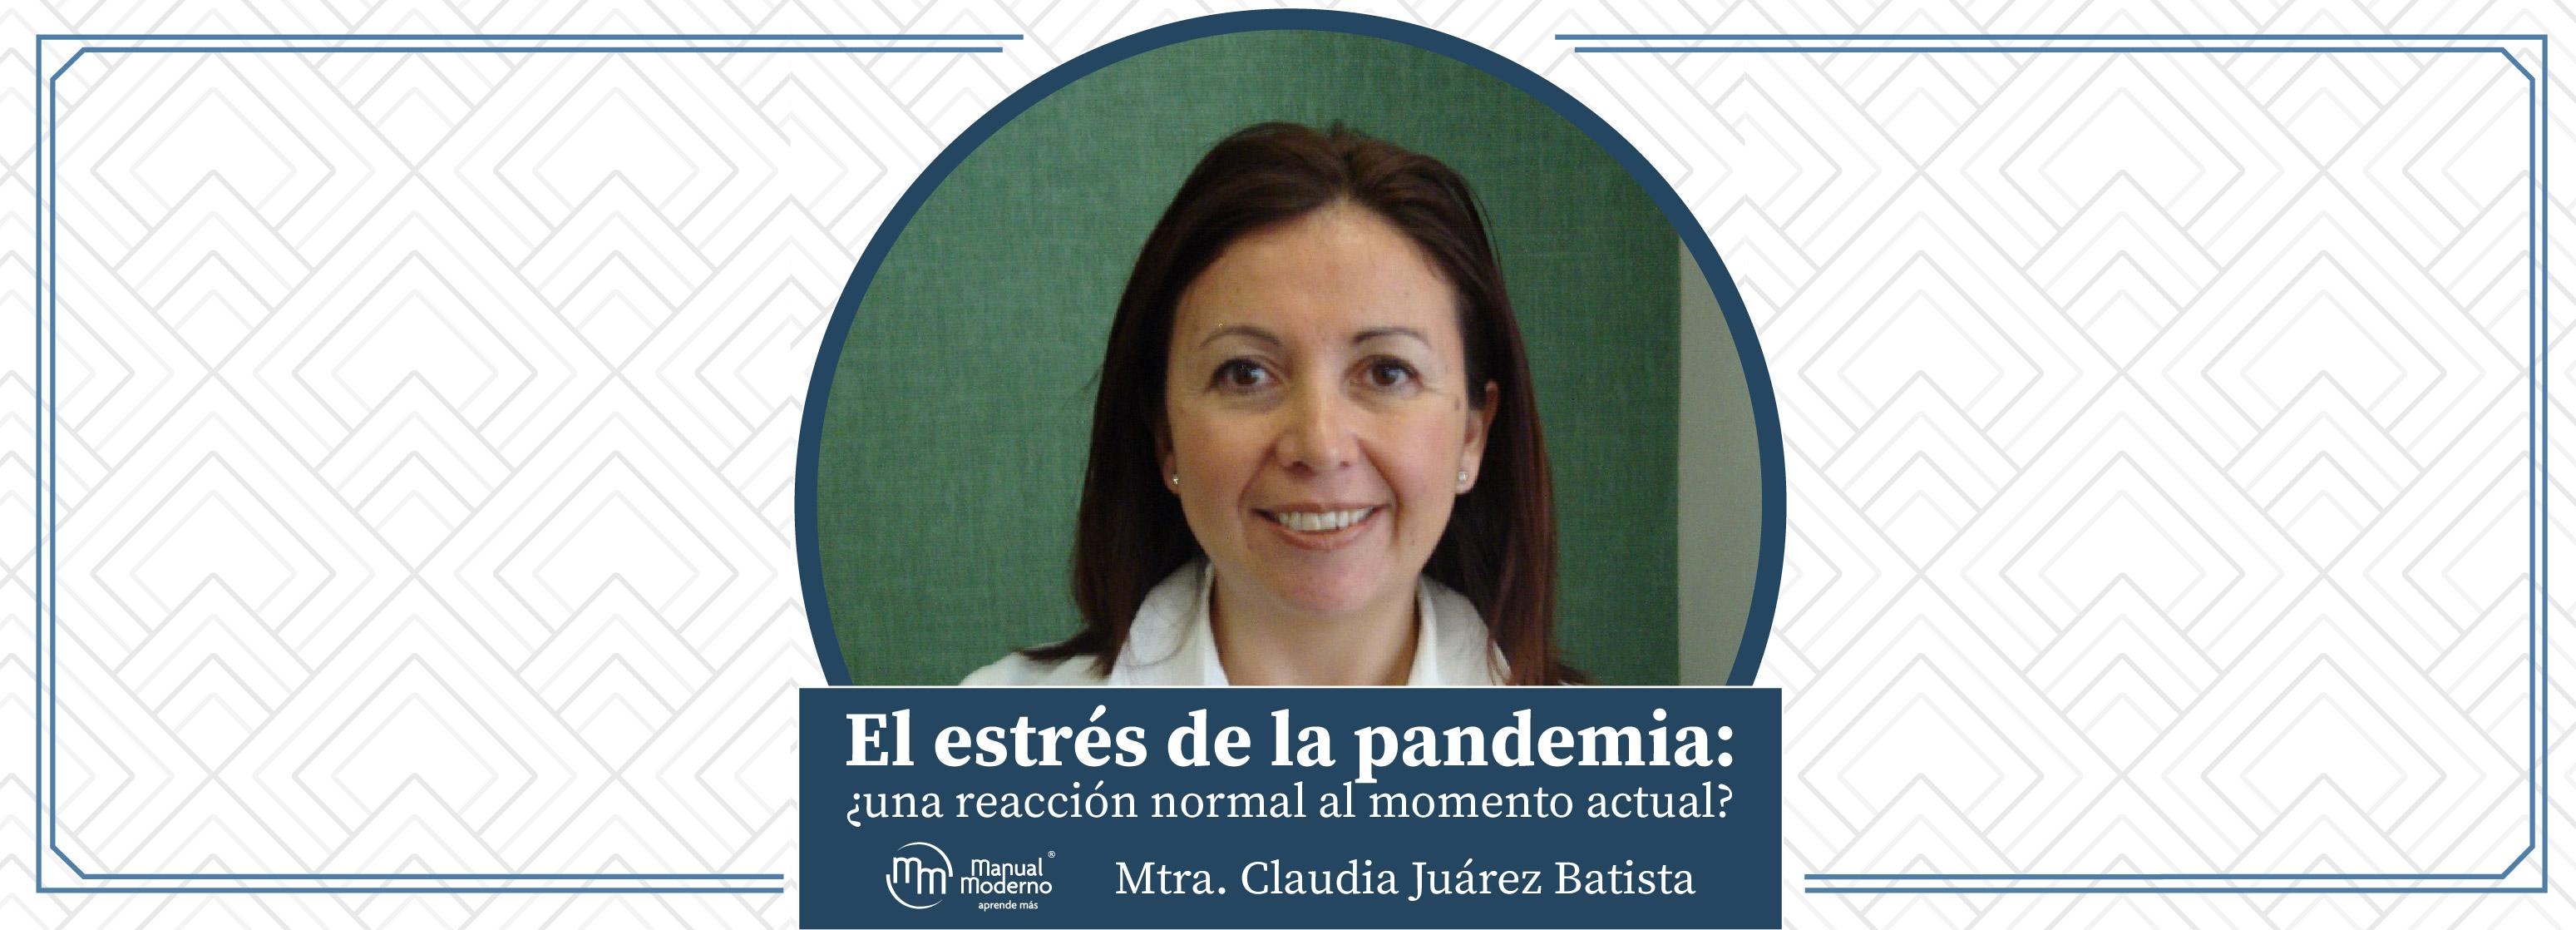 El estrés de la pandemia: ¿una reacción normal al momento actual?